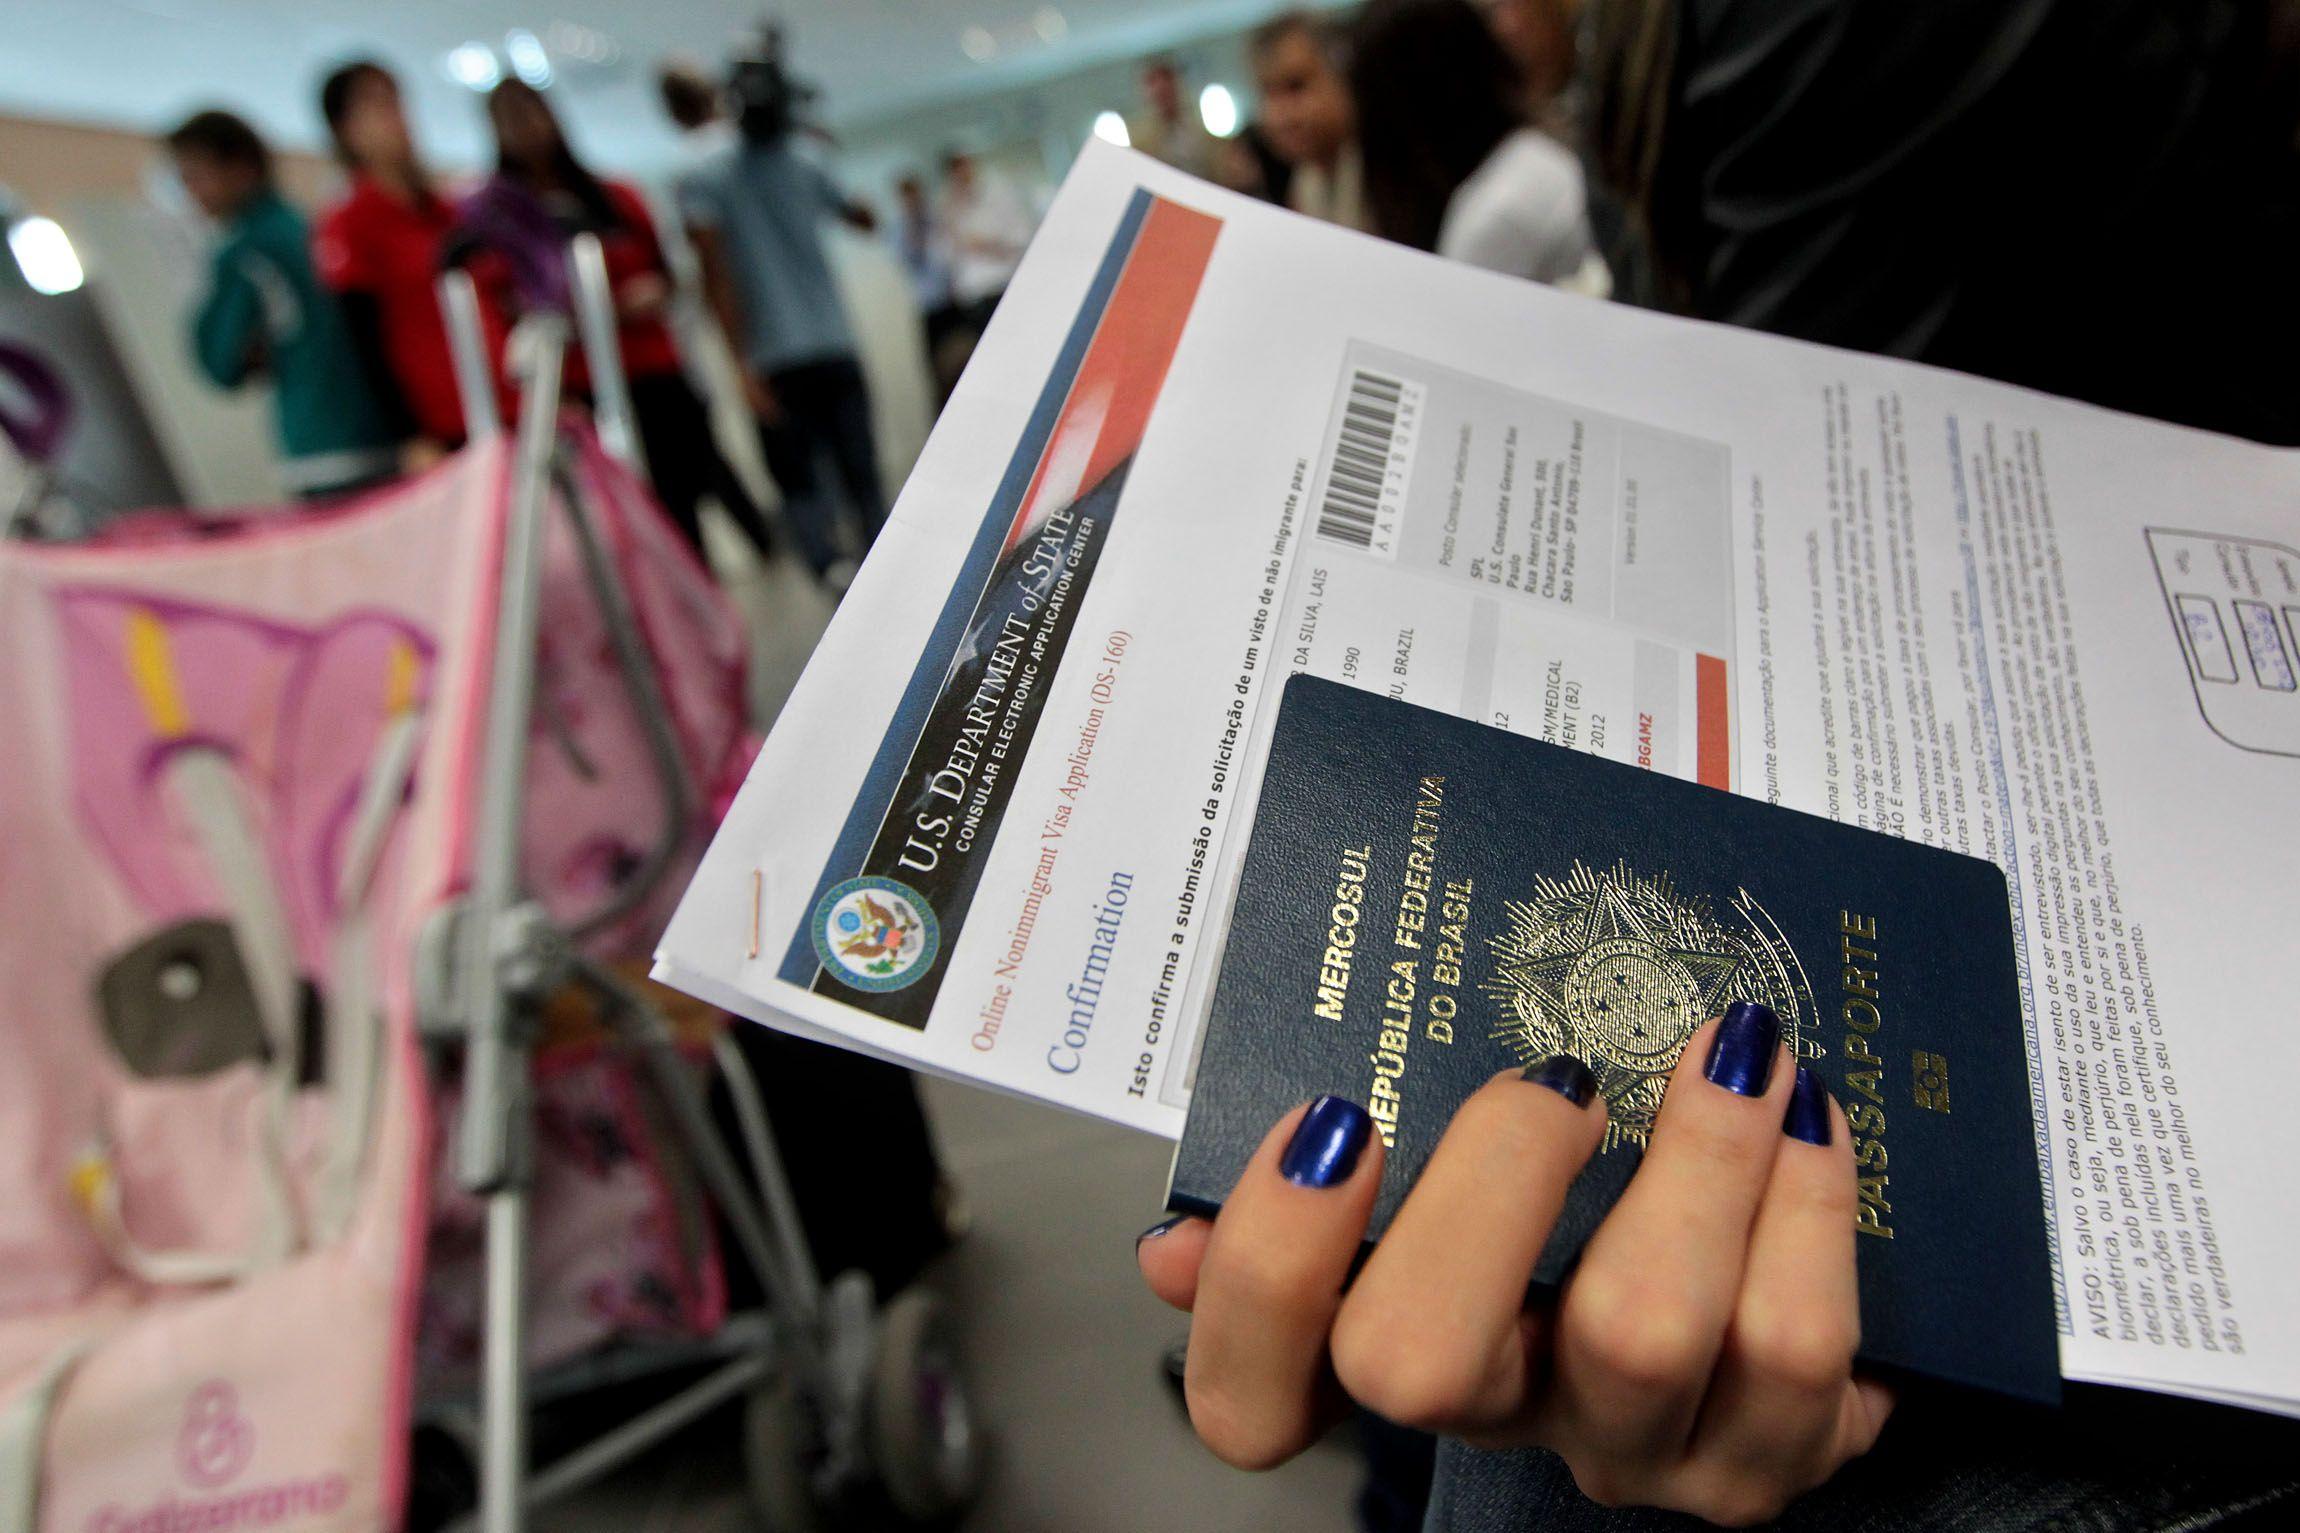 EUA: Usar visto de turista gera suspeita de imigração ilegal